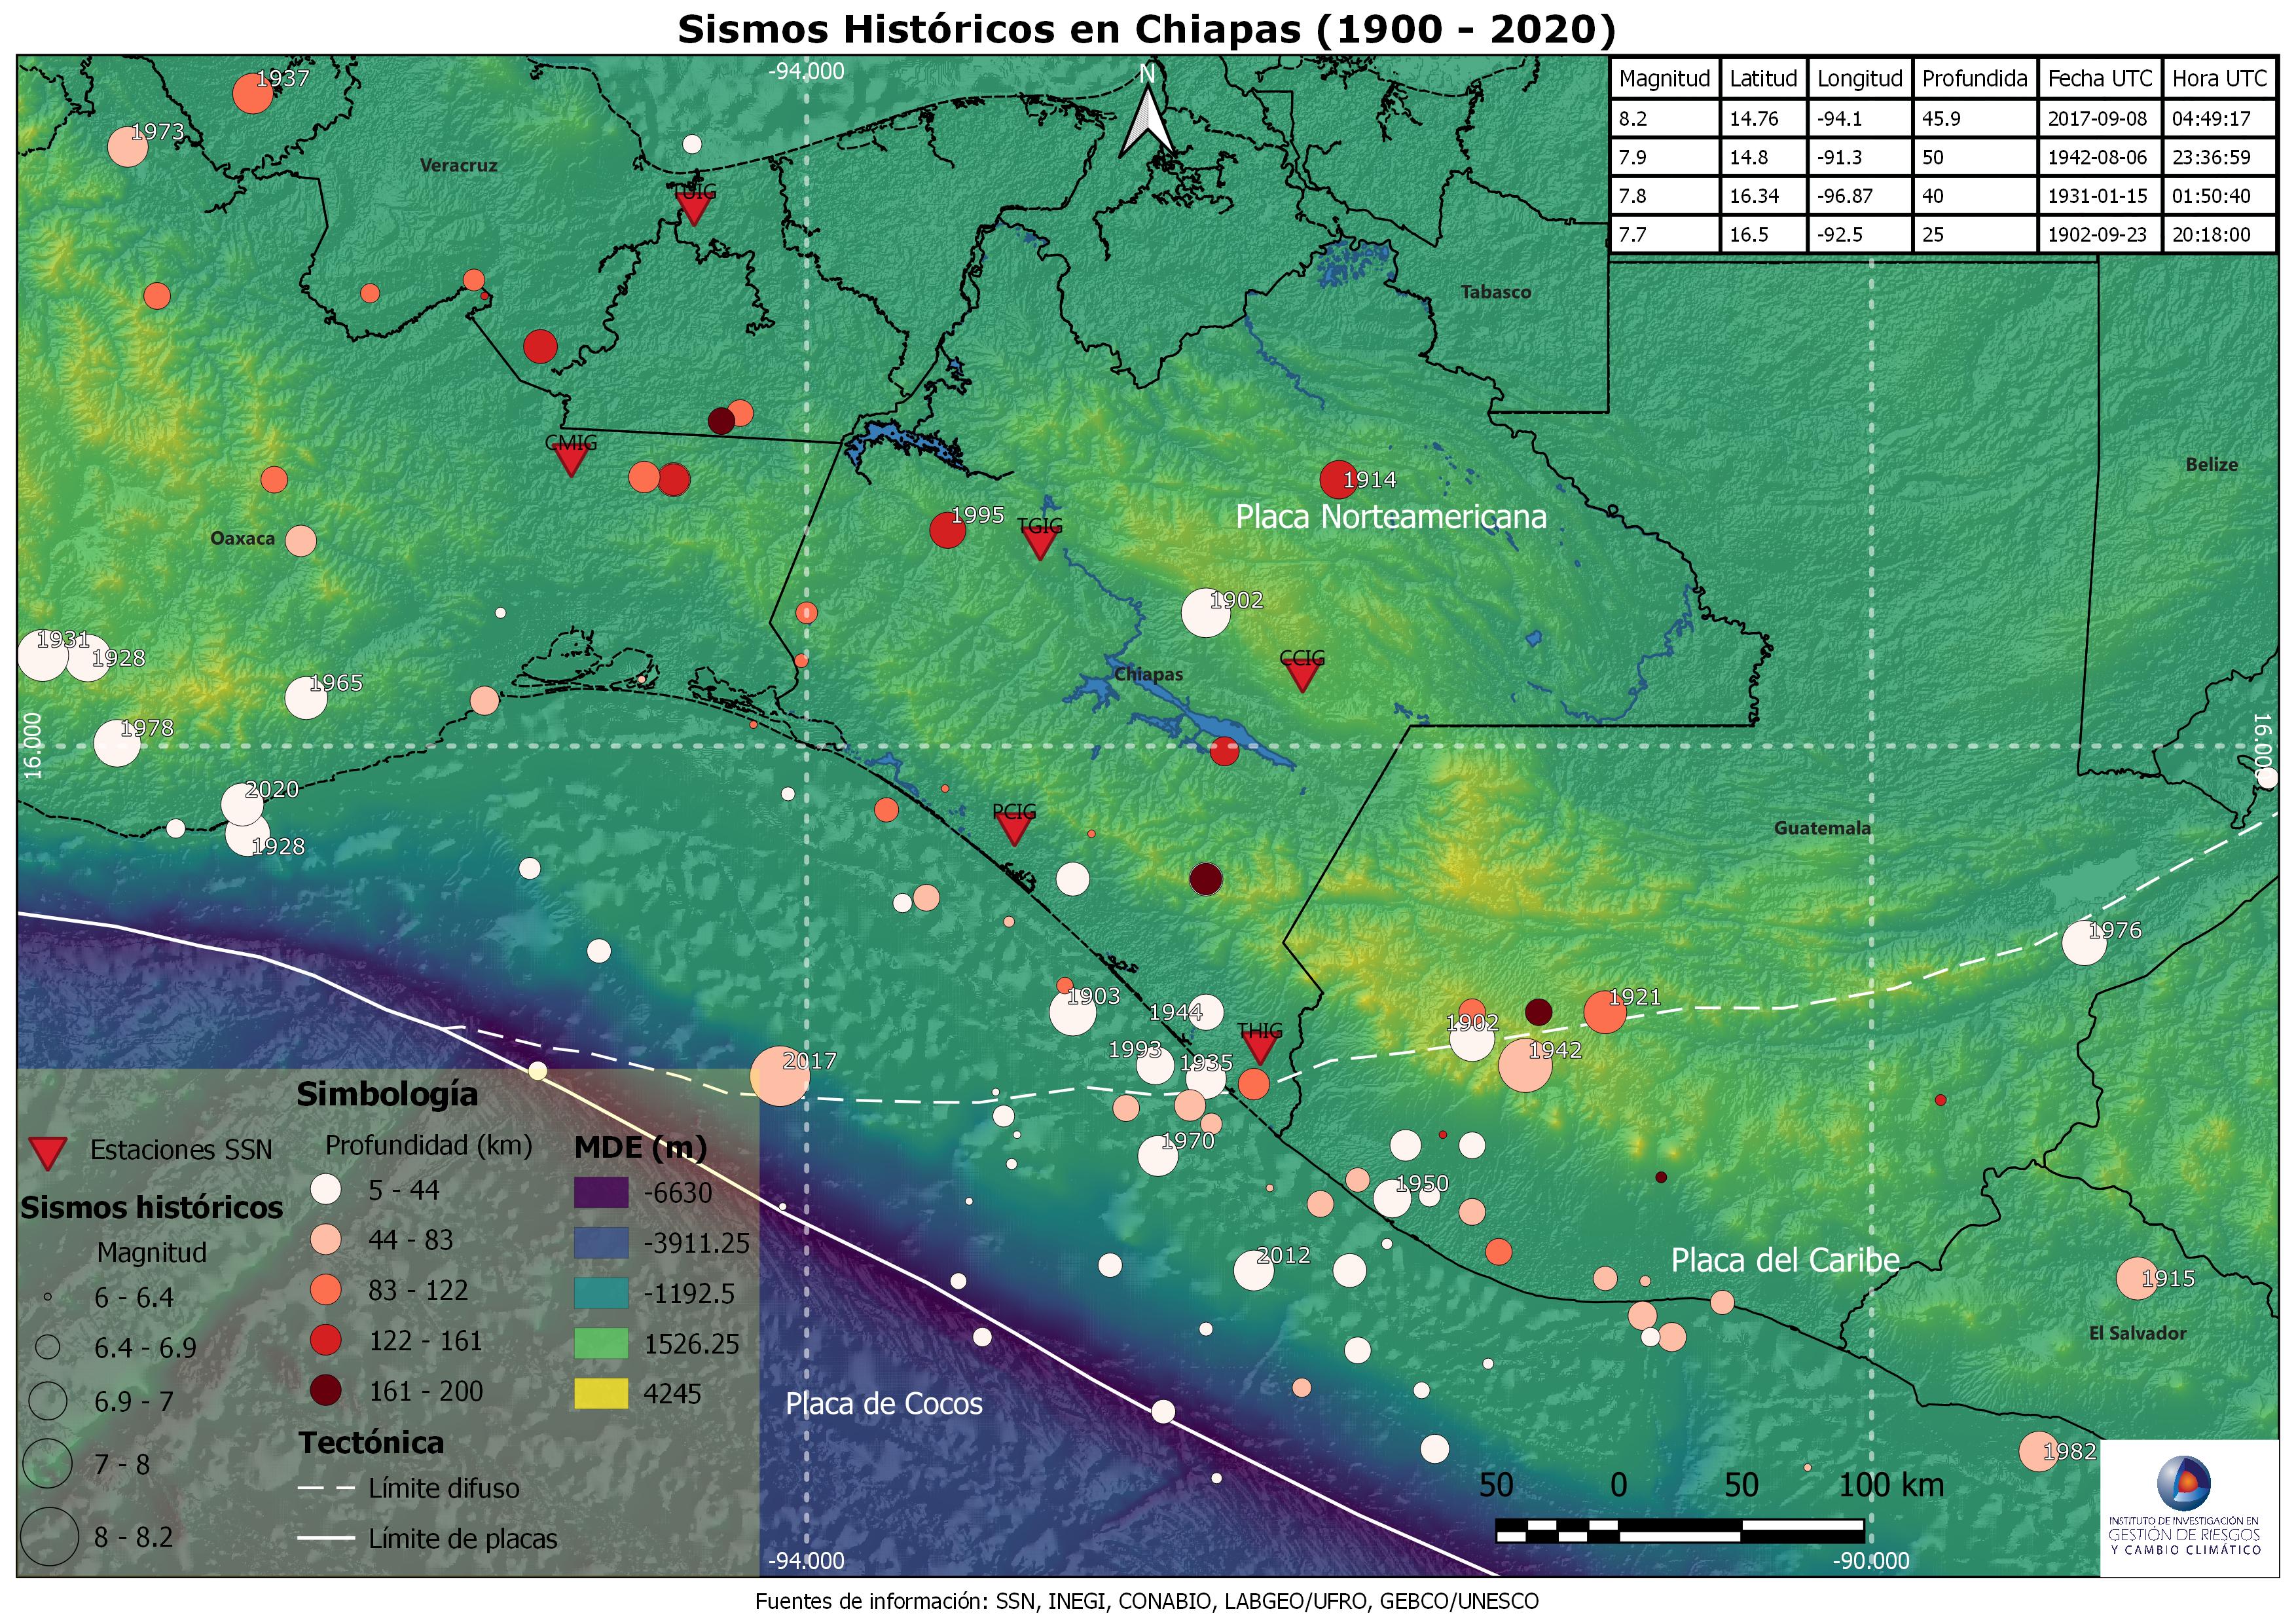 Sismos Históricos en Chiapas (1900 a 2000)